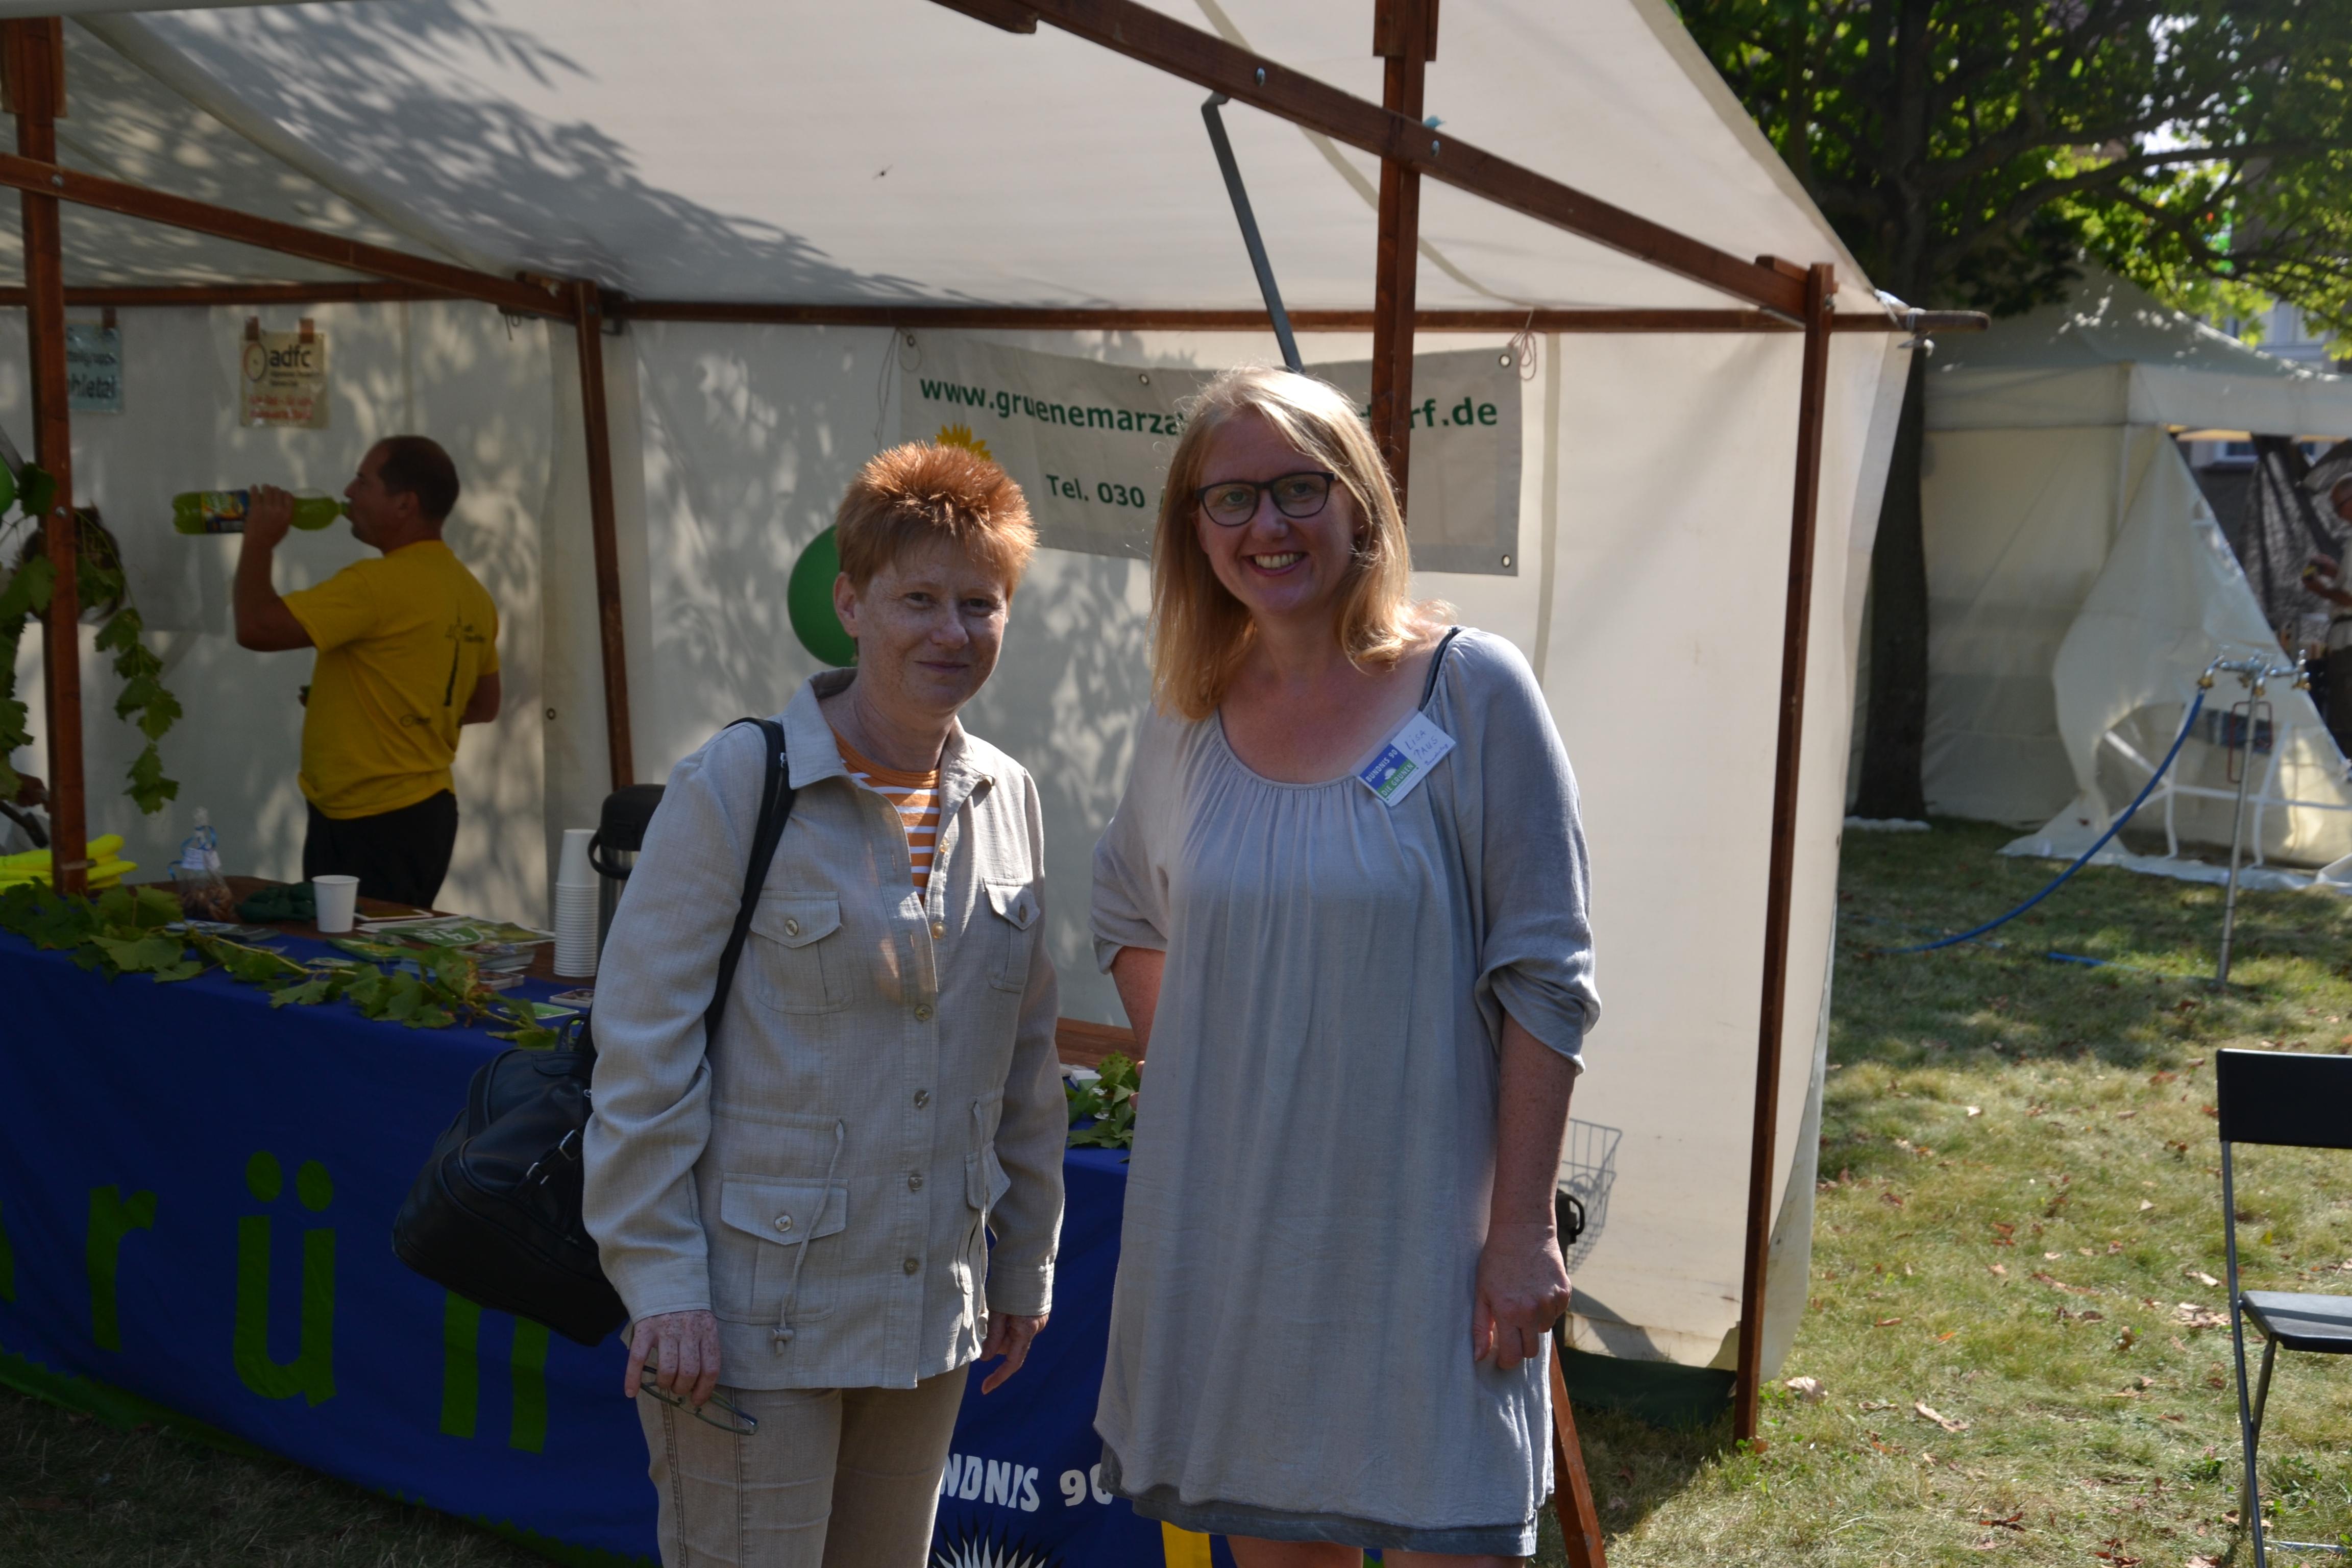 Lisa Paus, MdB und Petra Pau, Vizepräsidentin des deutschen Bundestages